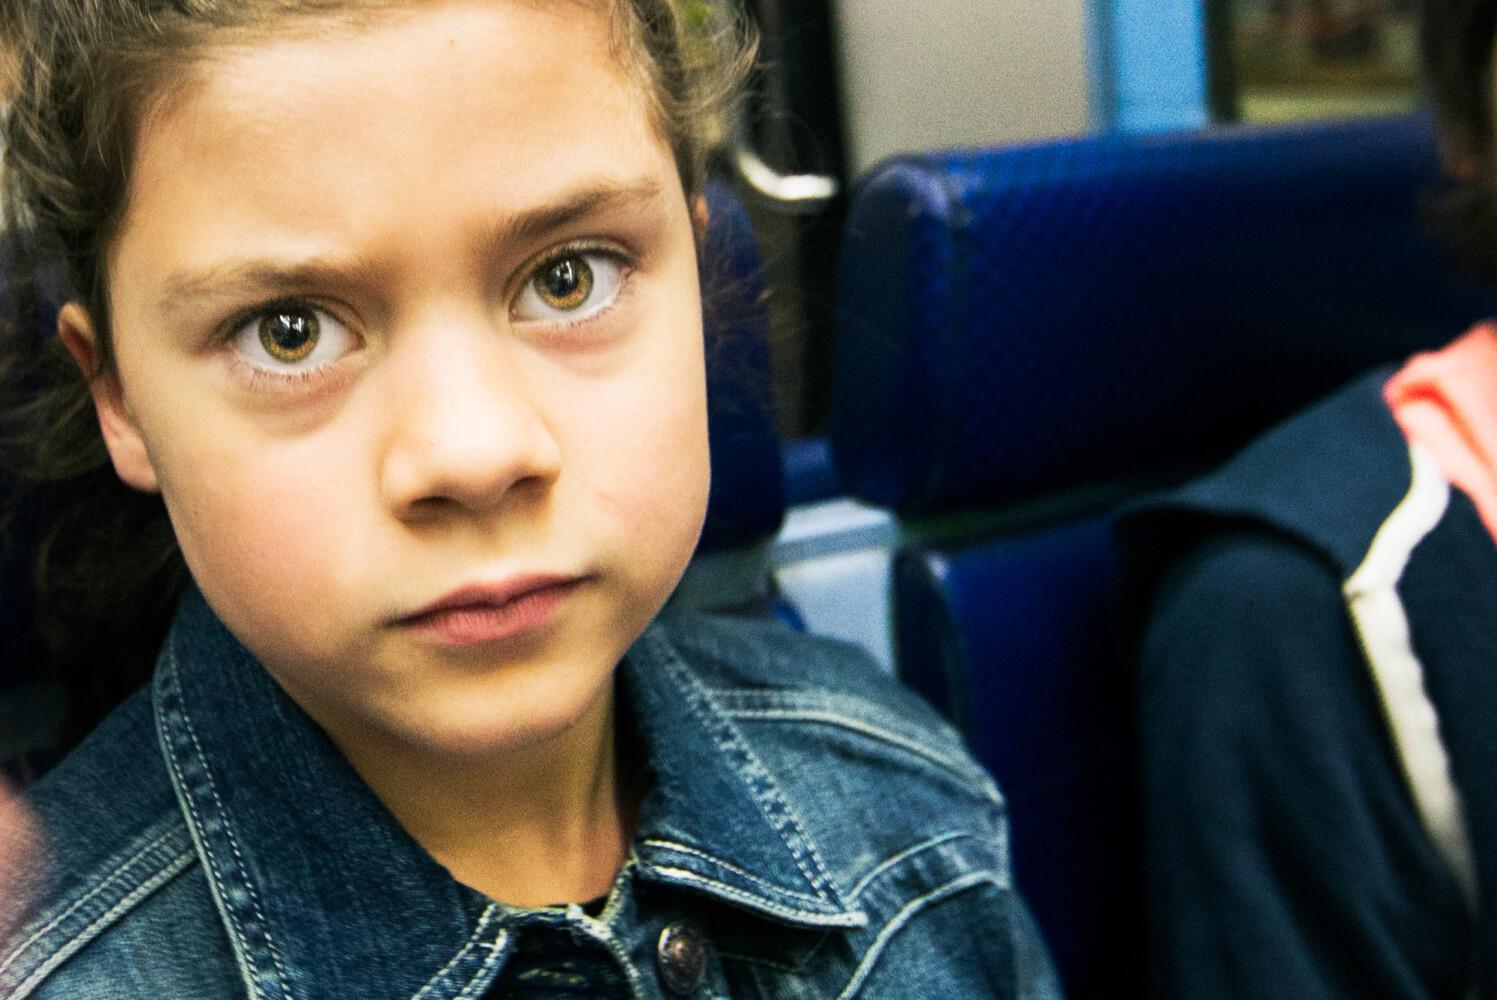 Hoe ga je om met boze kinderen? 3 tips